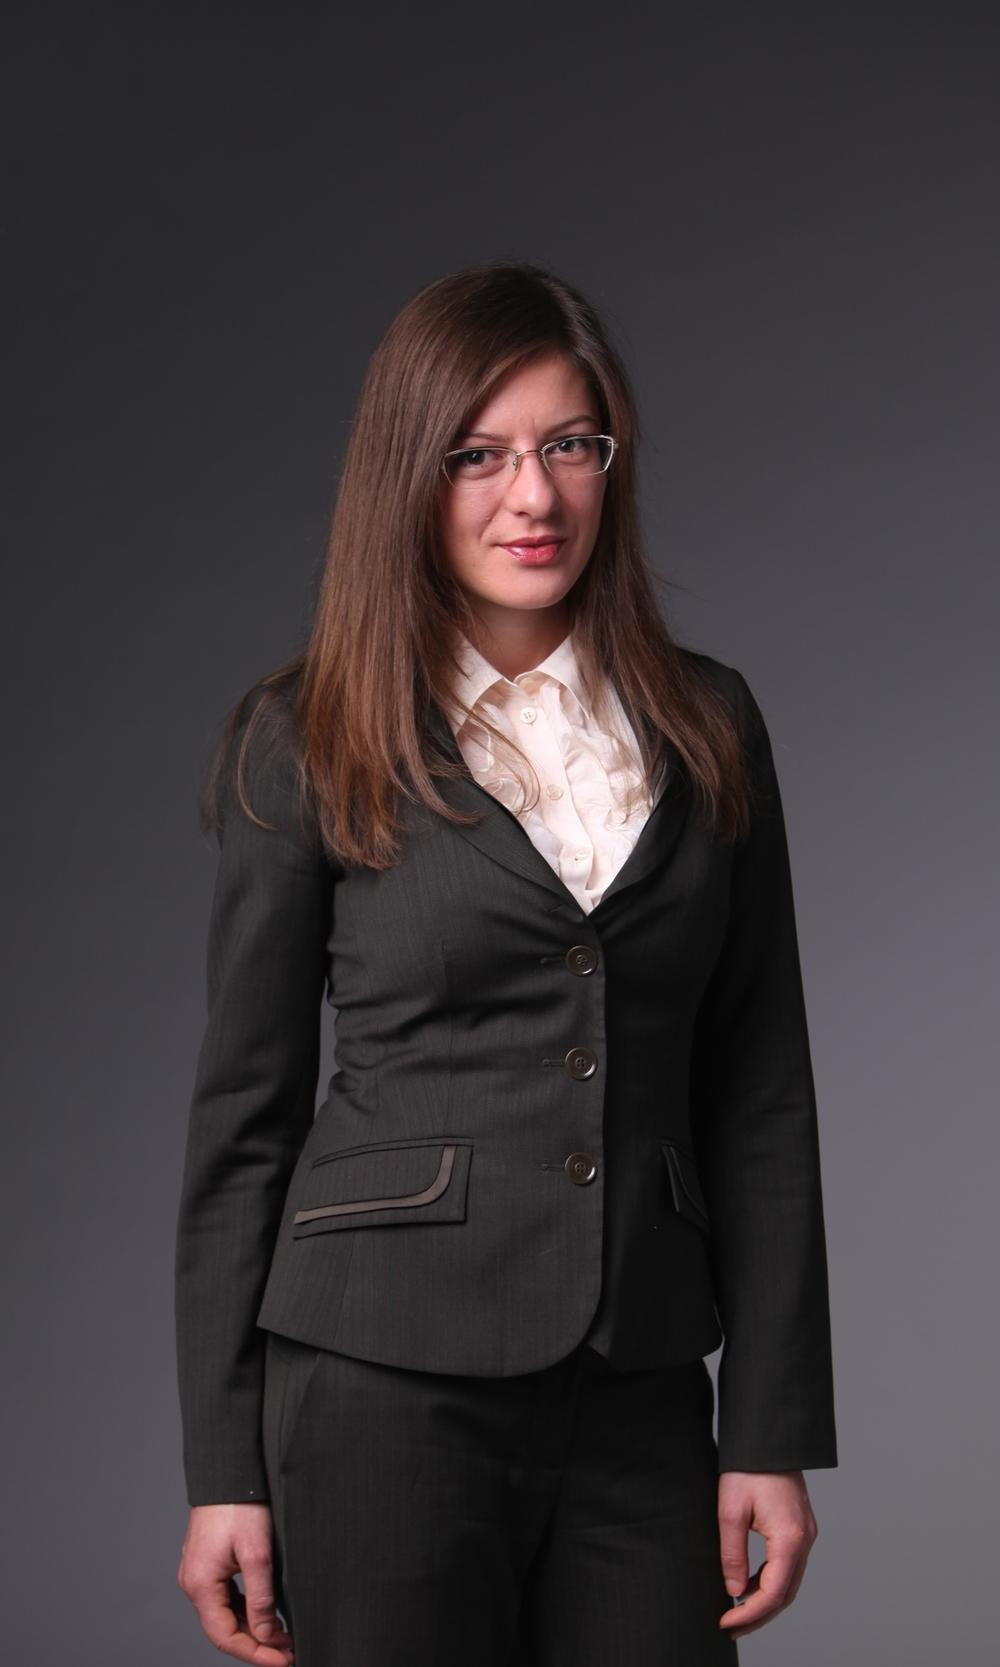 Silvia Ovcharova